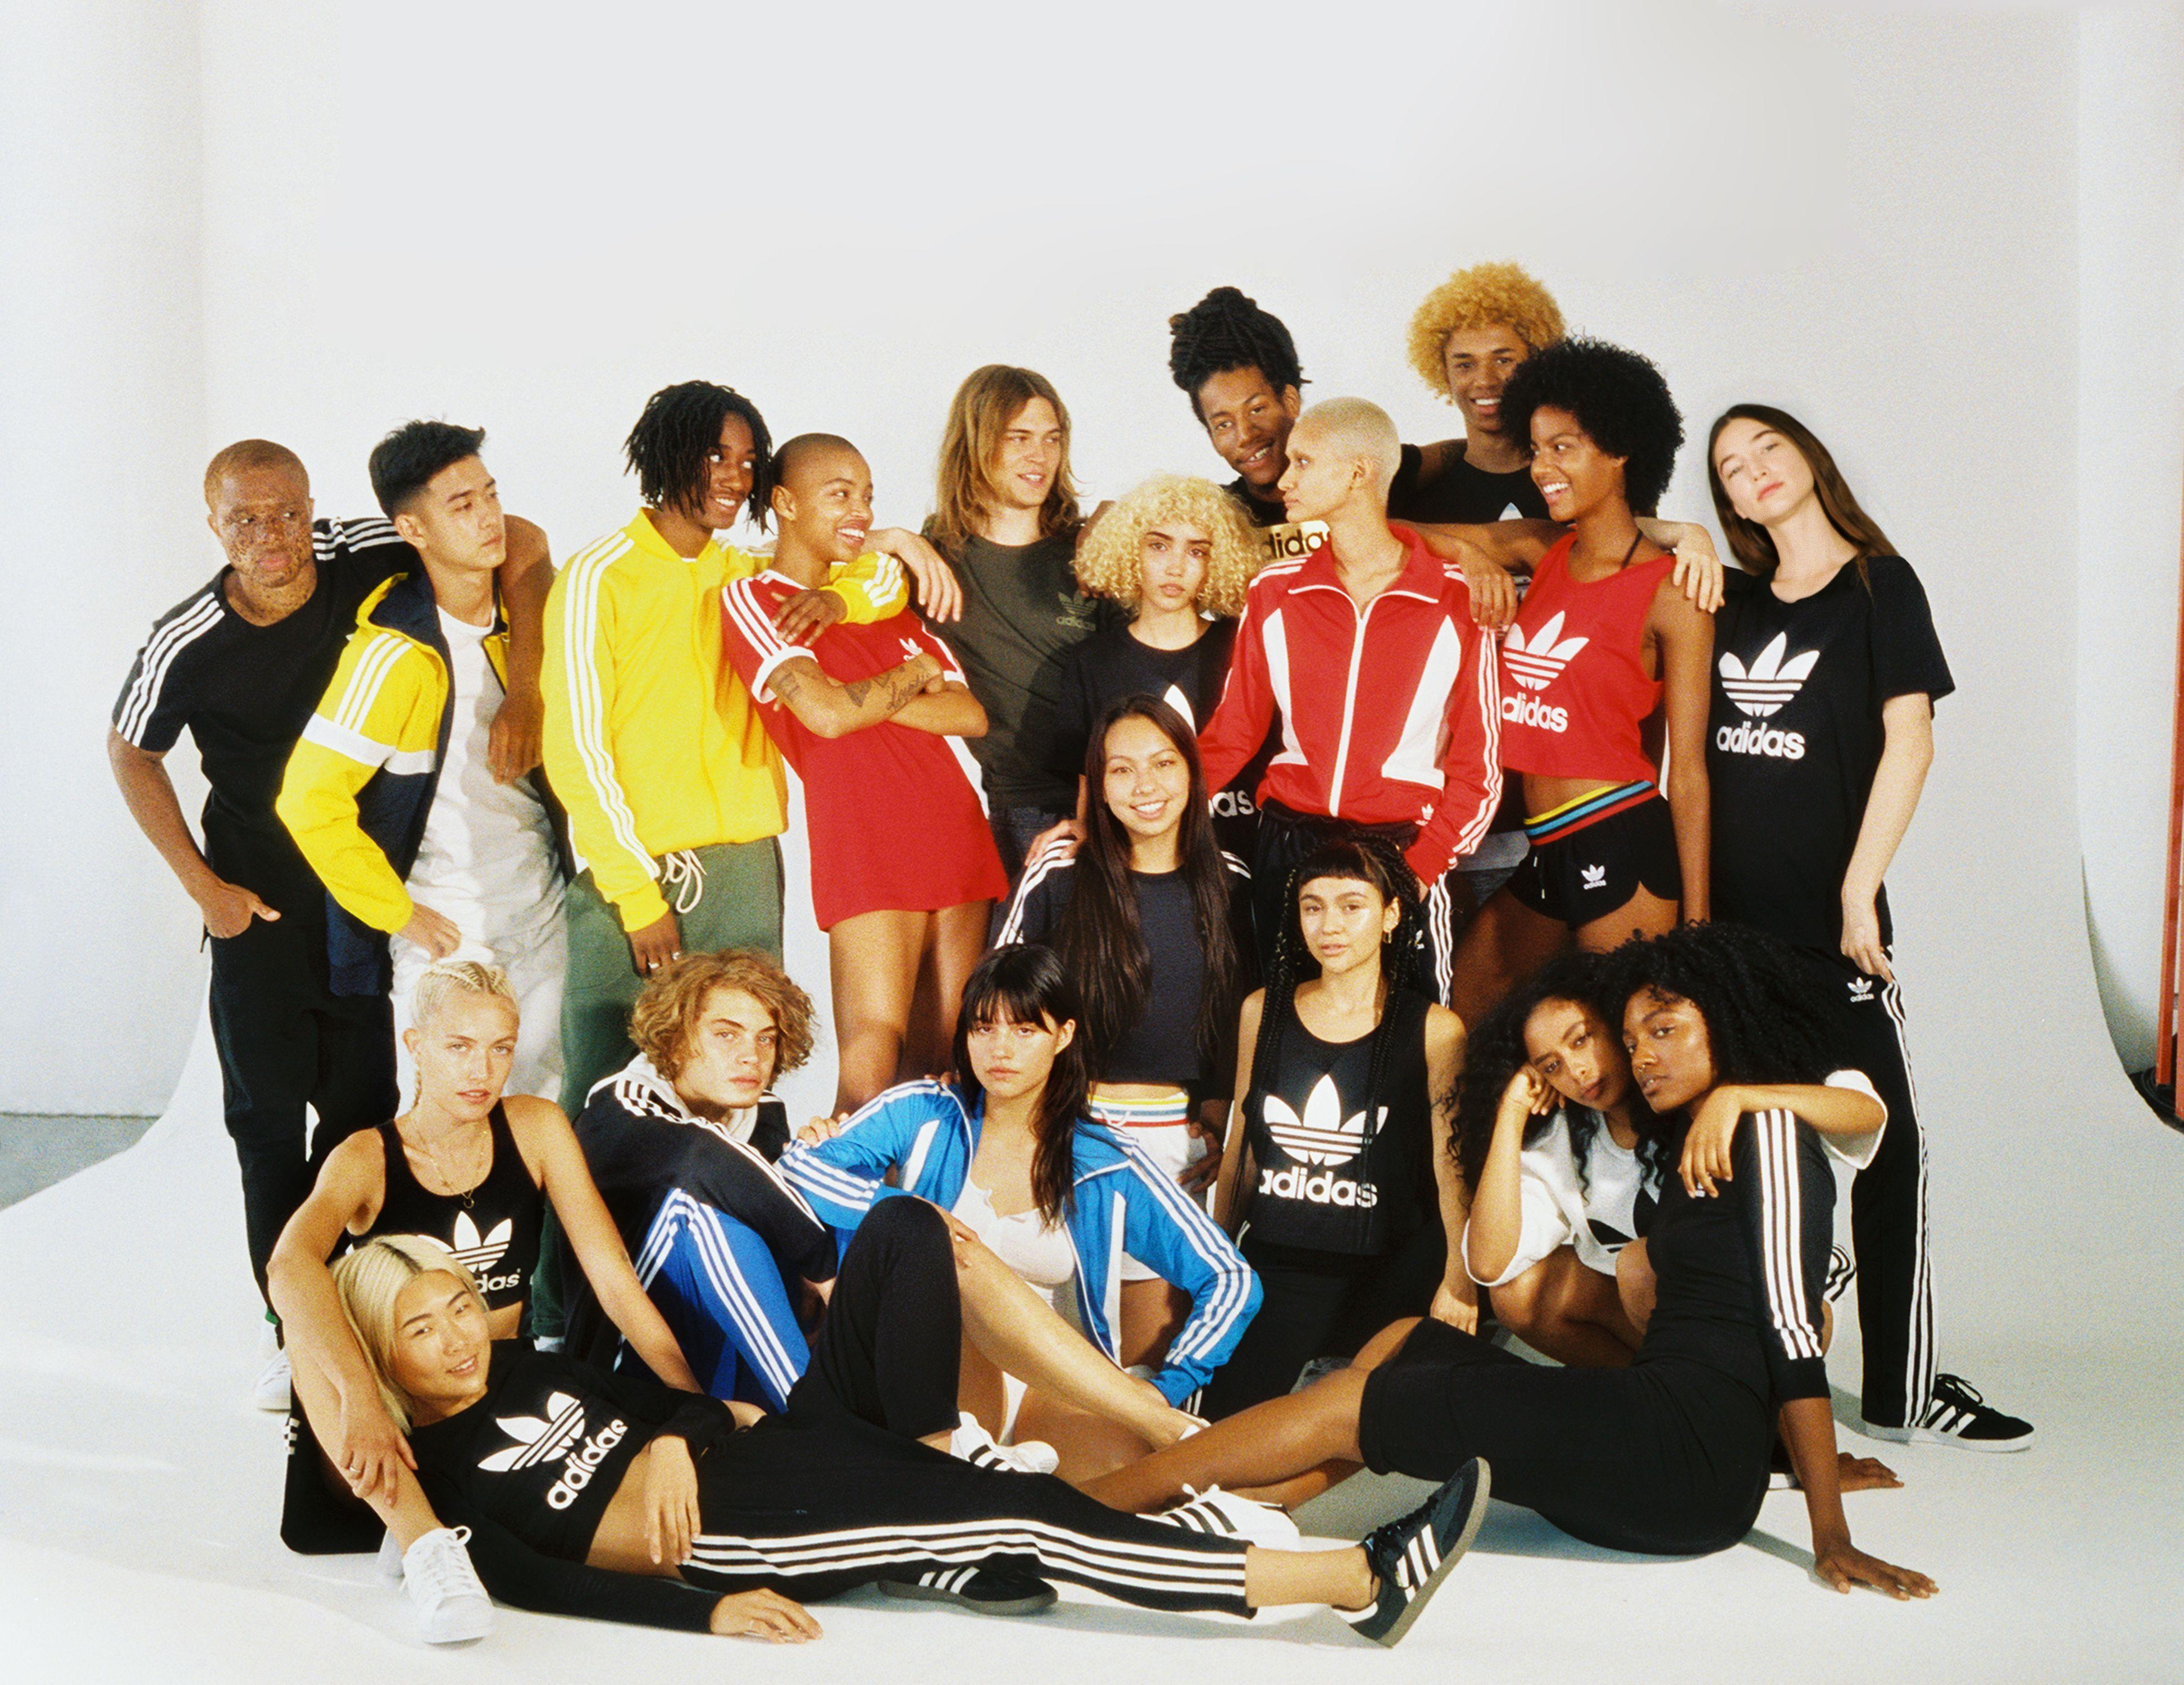 Adidas y Urban Outfitters equipo para que el futuro V Magazine